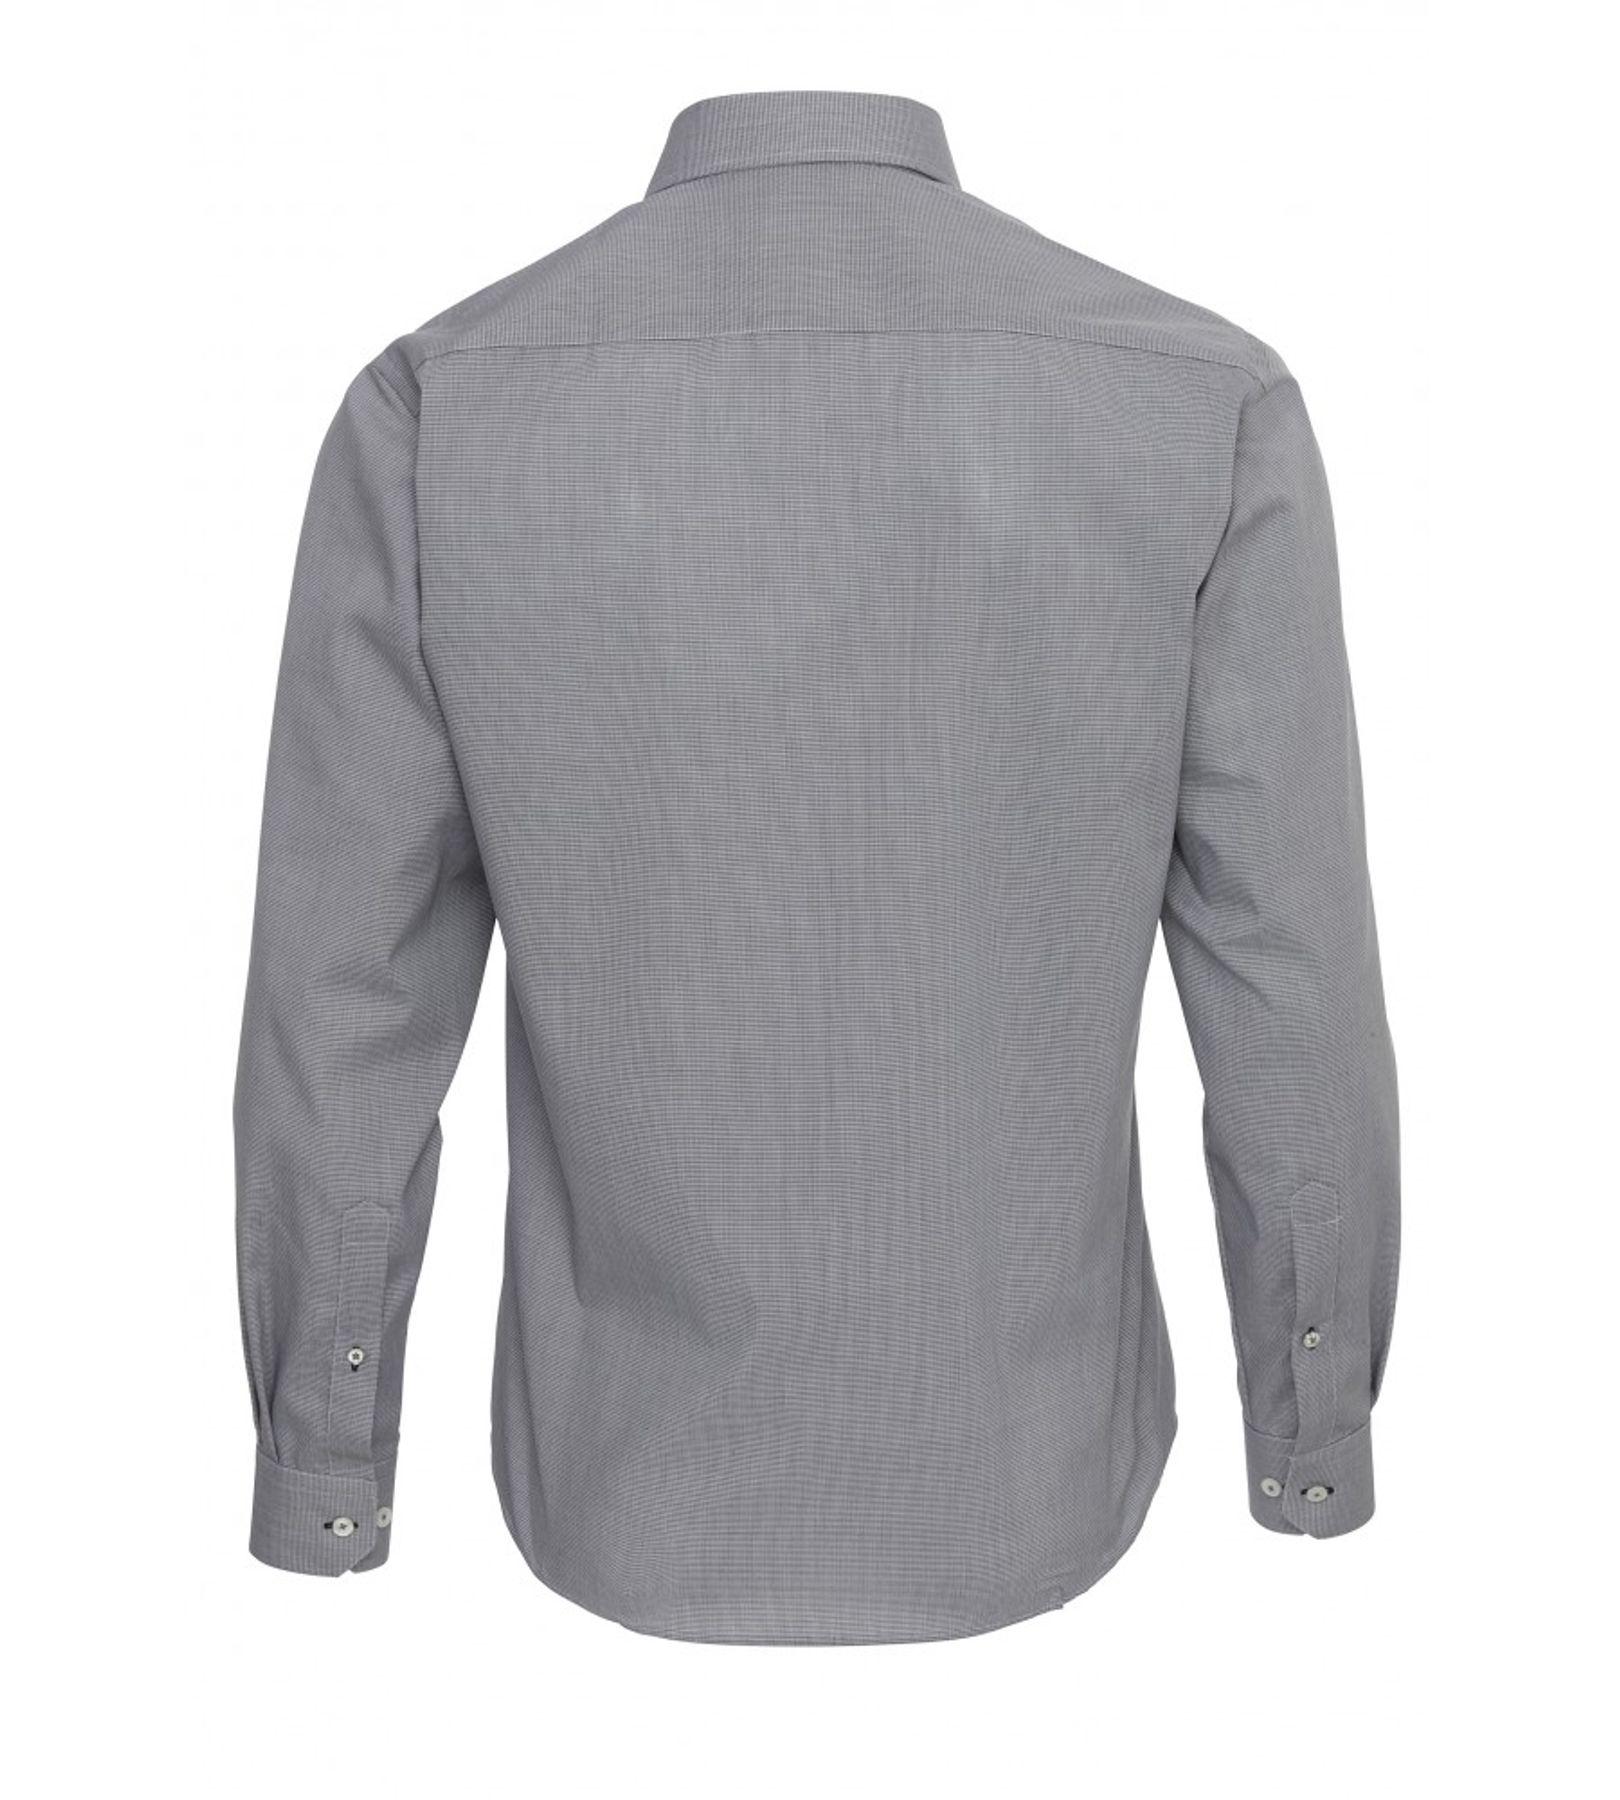 Hatico - Regular Fit - Bügelfreies Herren Langarm Hemd in verschiedenen Farben (3042 778) – Bild 6